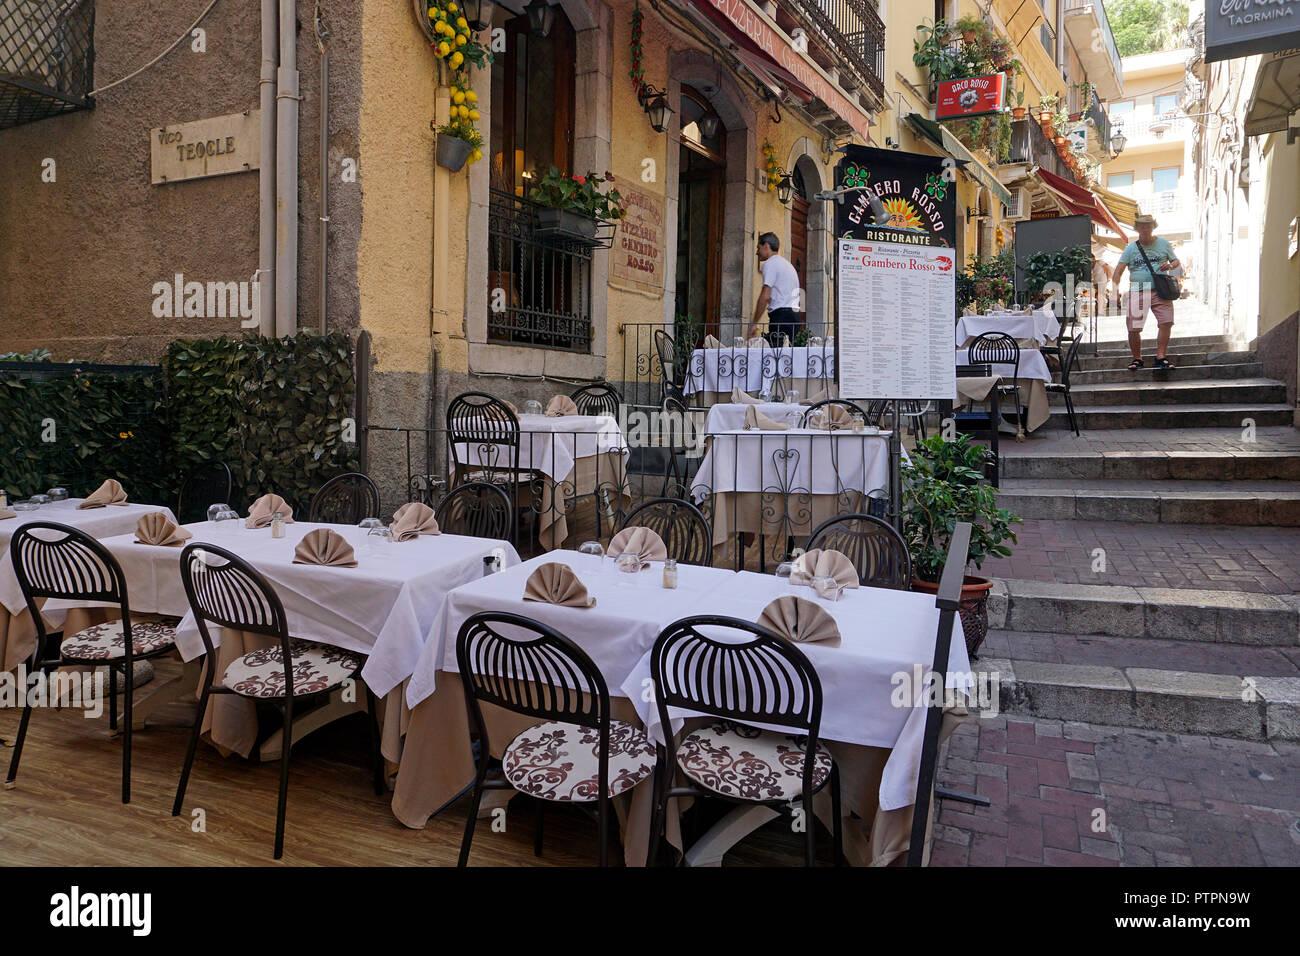 Restaurant idyllique dans une ruelle de la vieille ville de Taormina, Sicile, Italie Banque D'Images